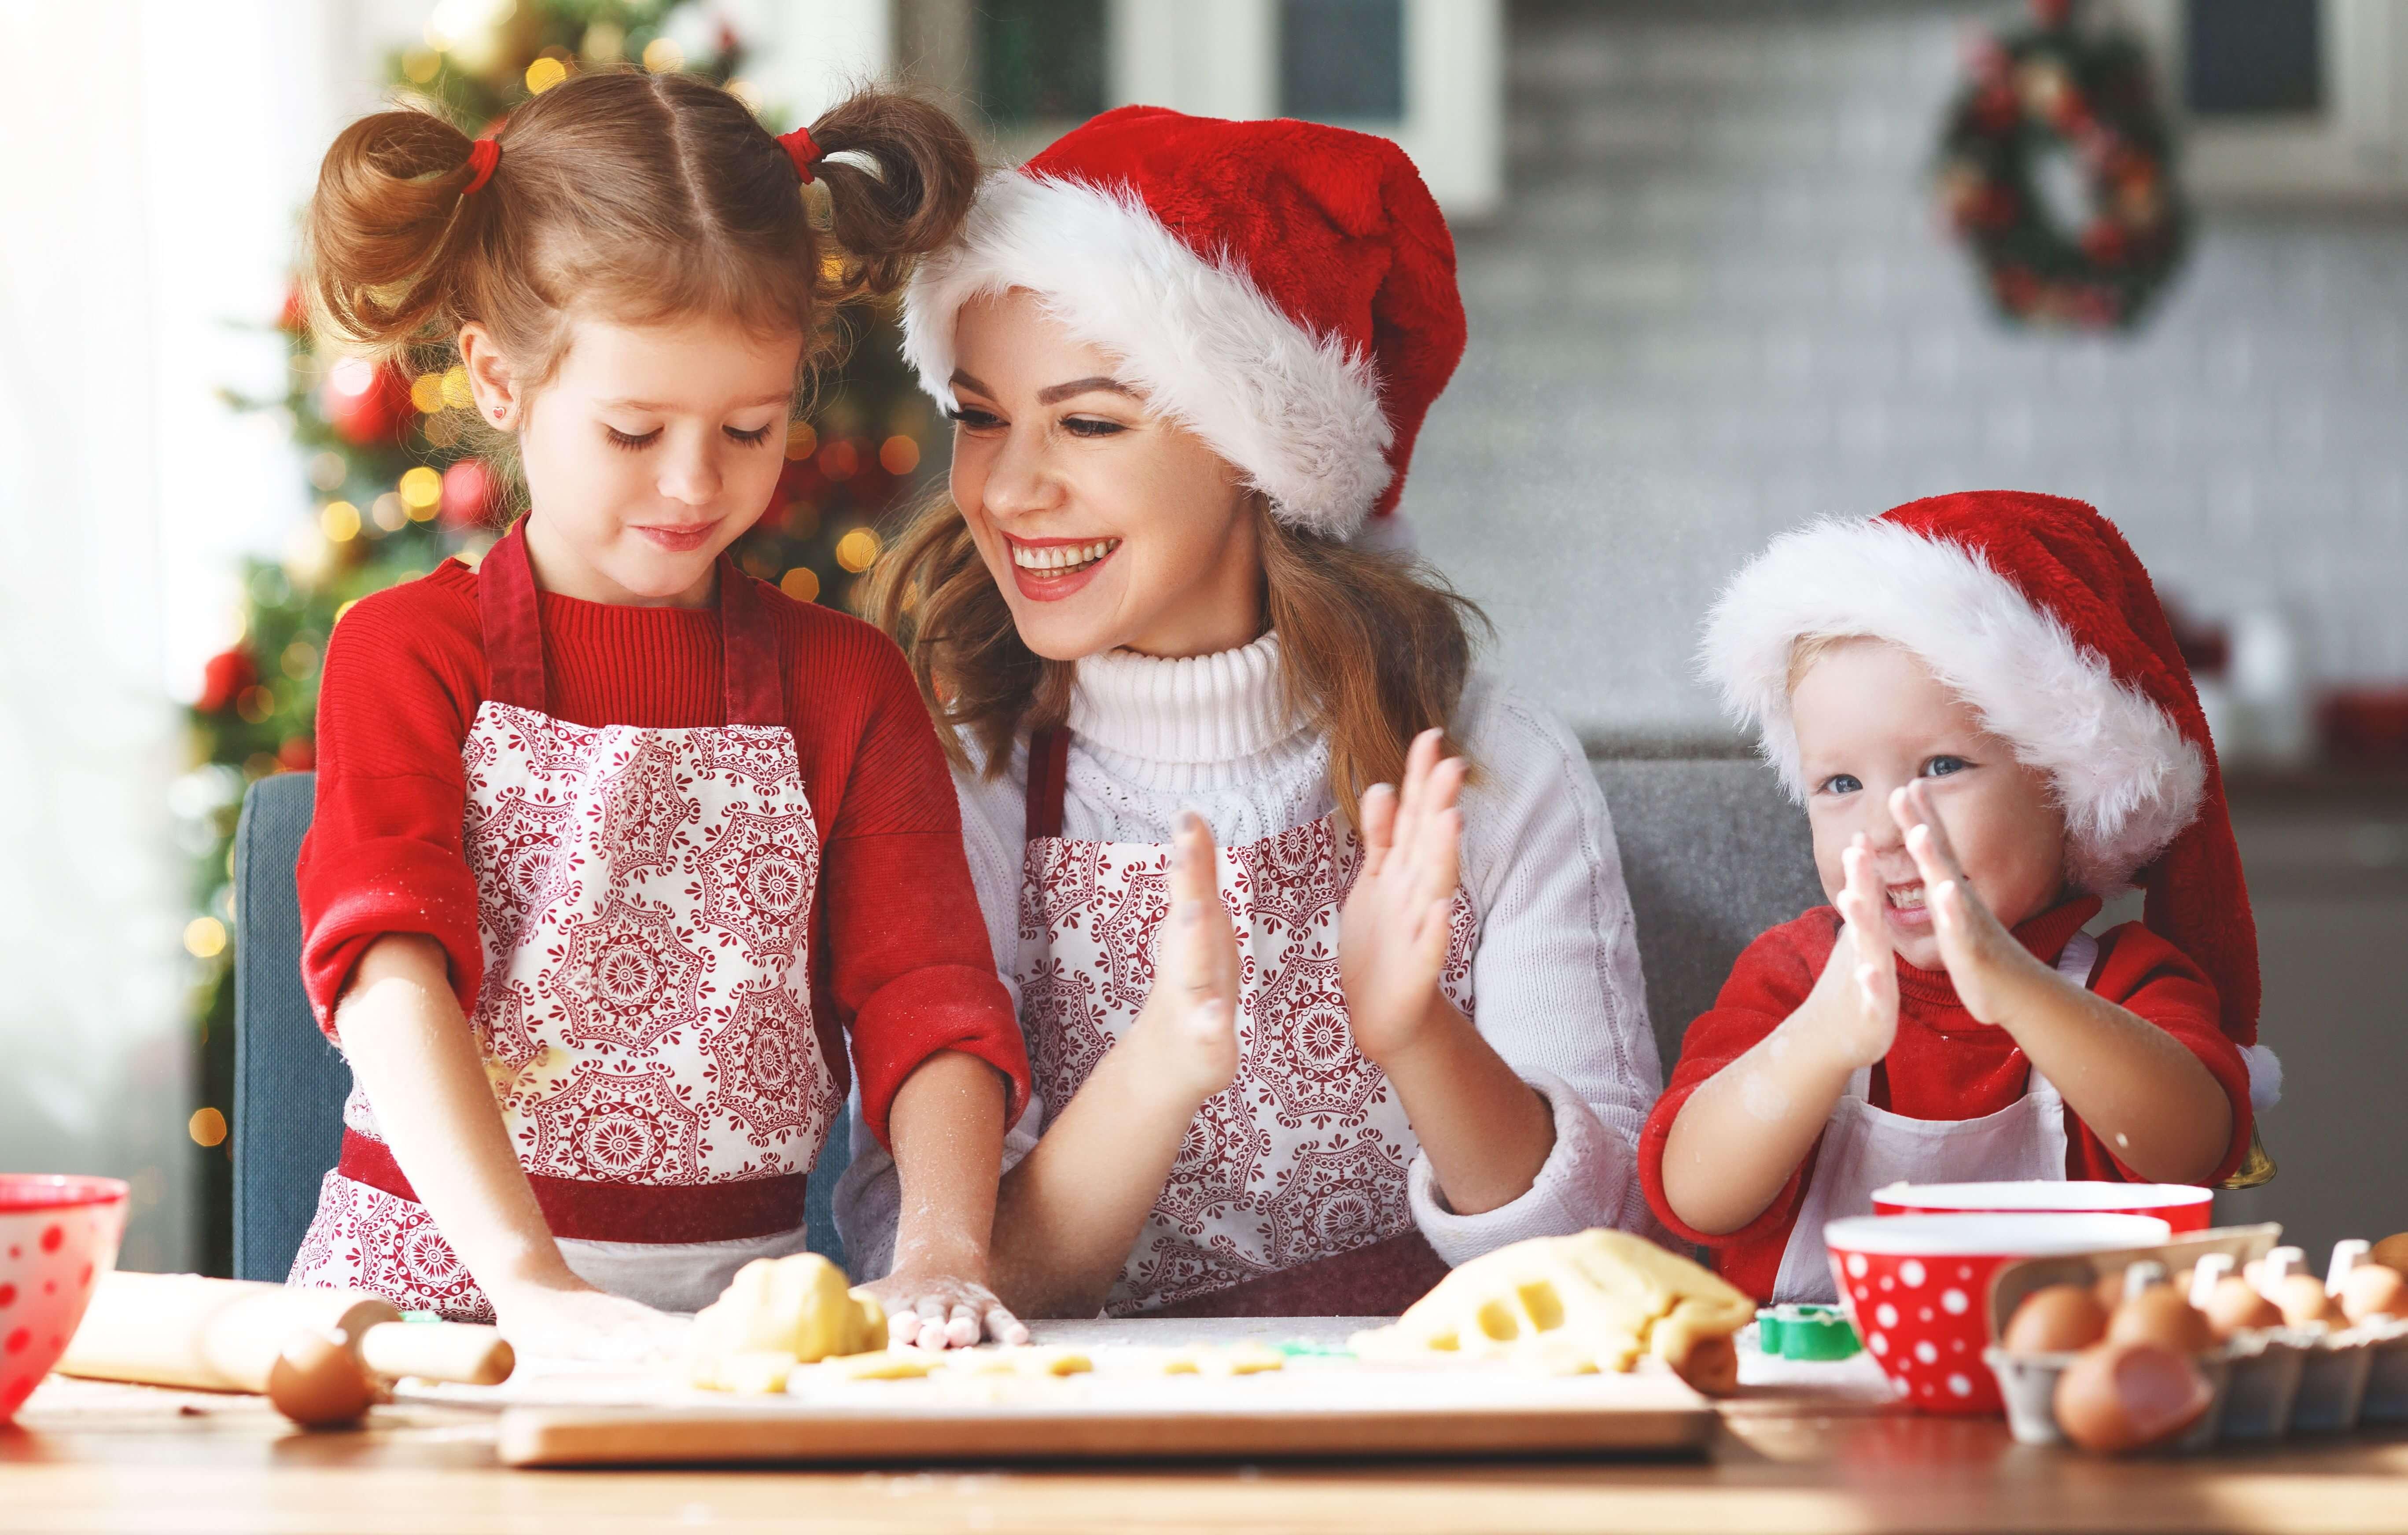 mutter-backt-mit-kindern-an-weihnachten-as-230712183.jpeg